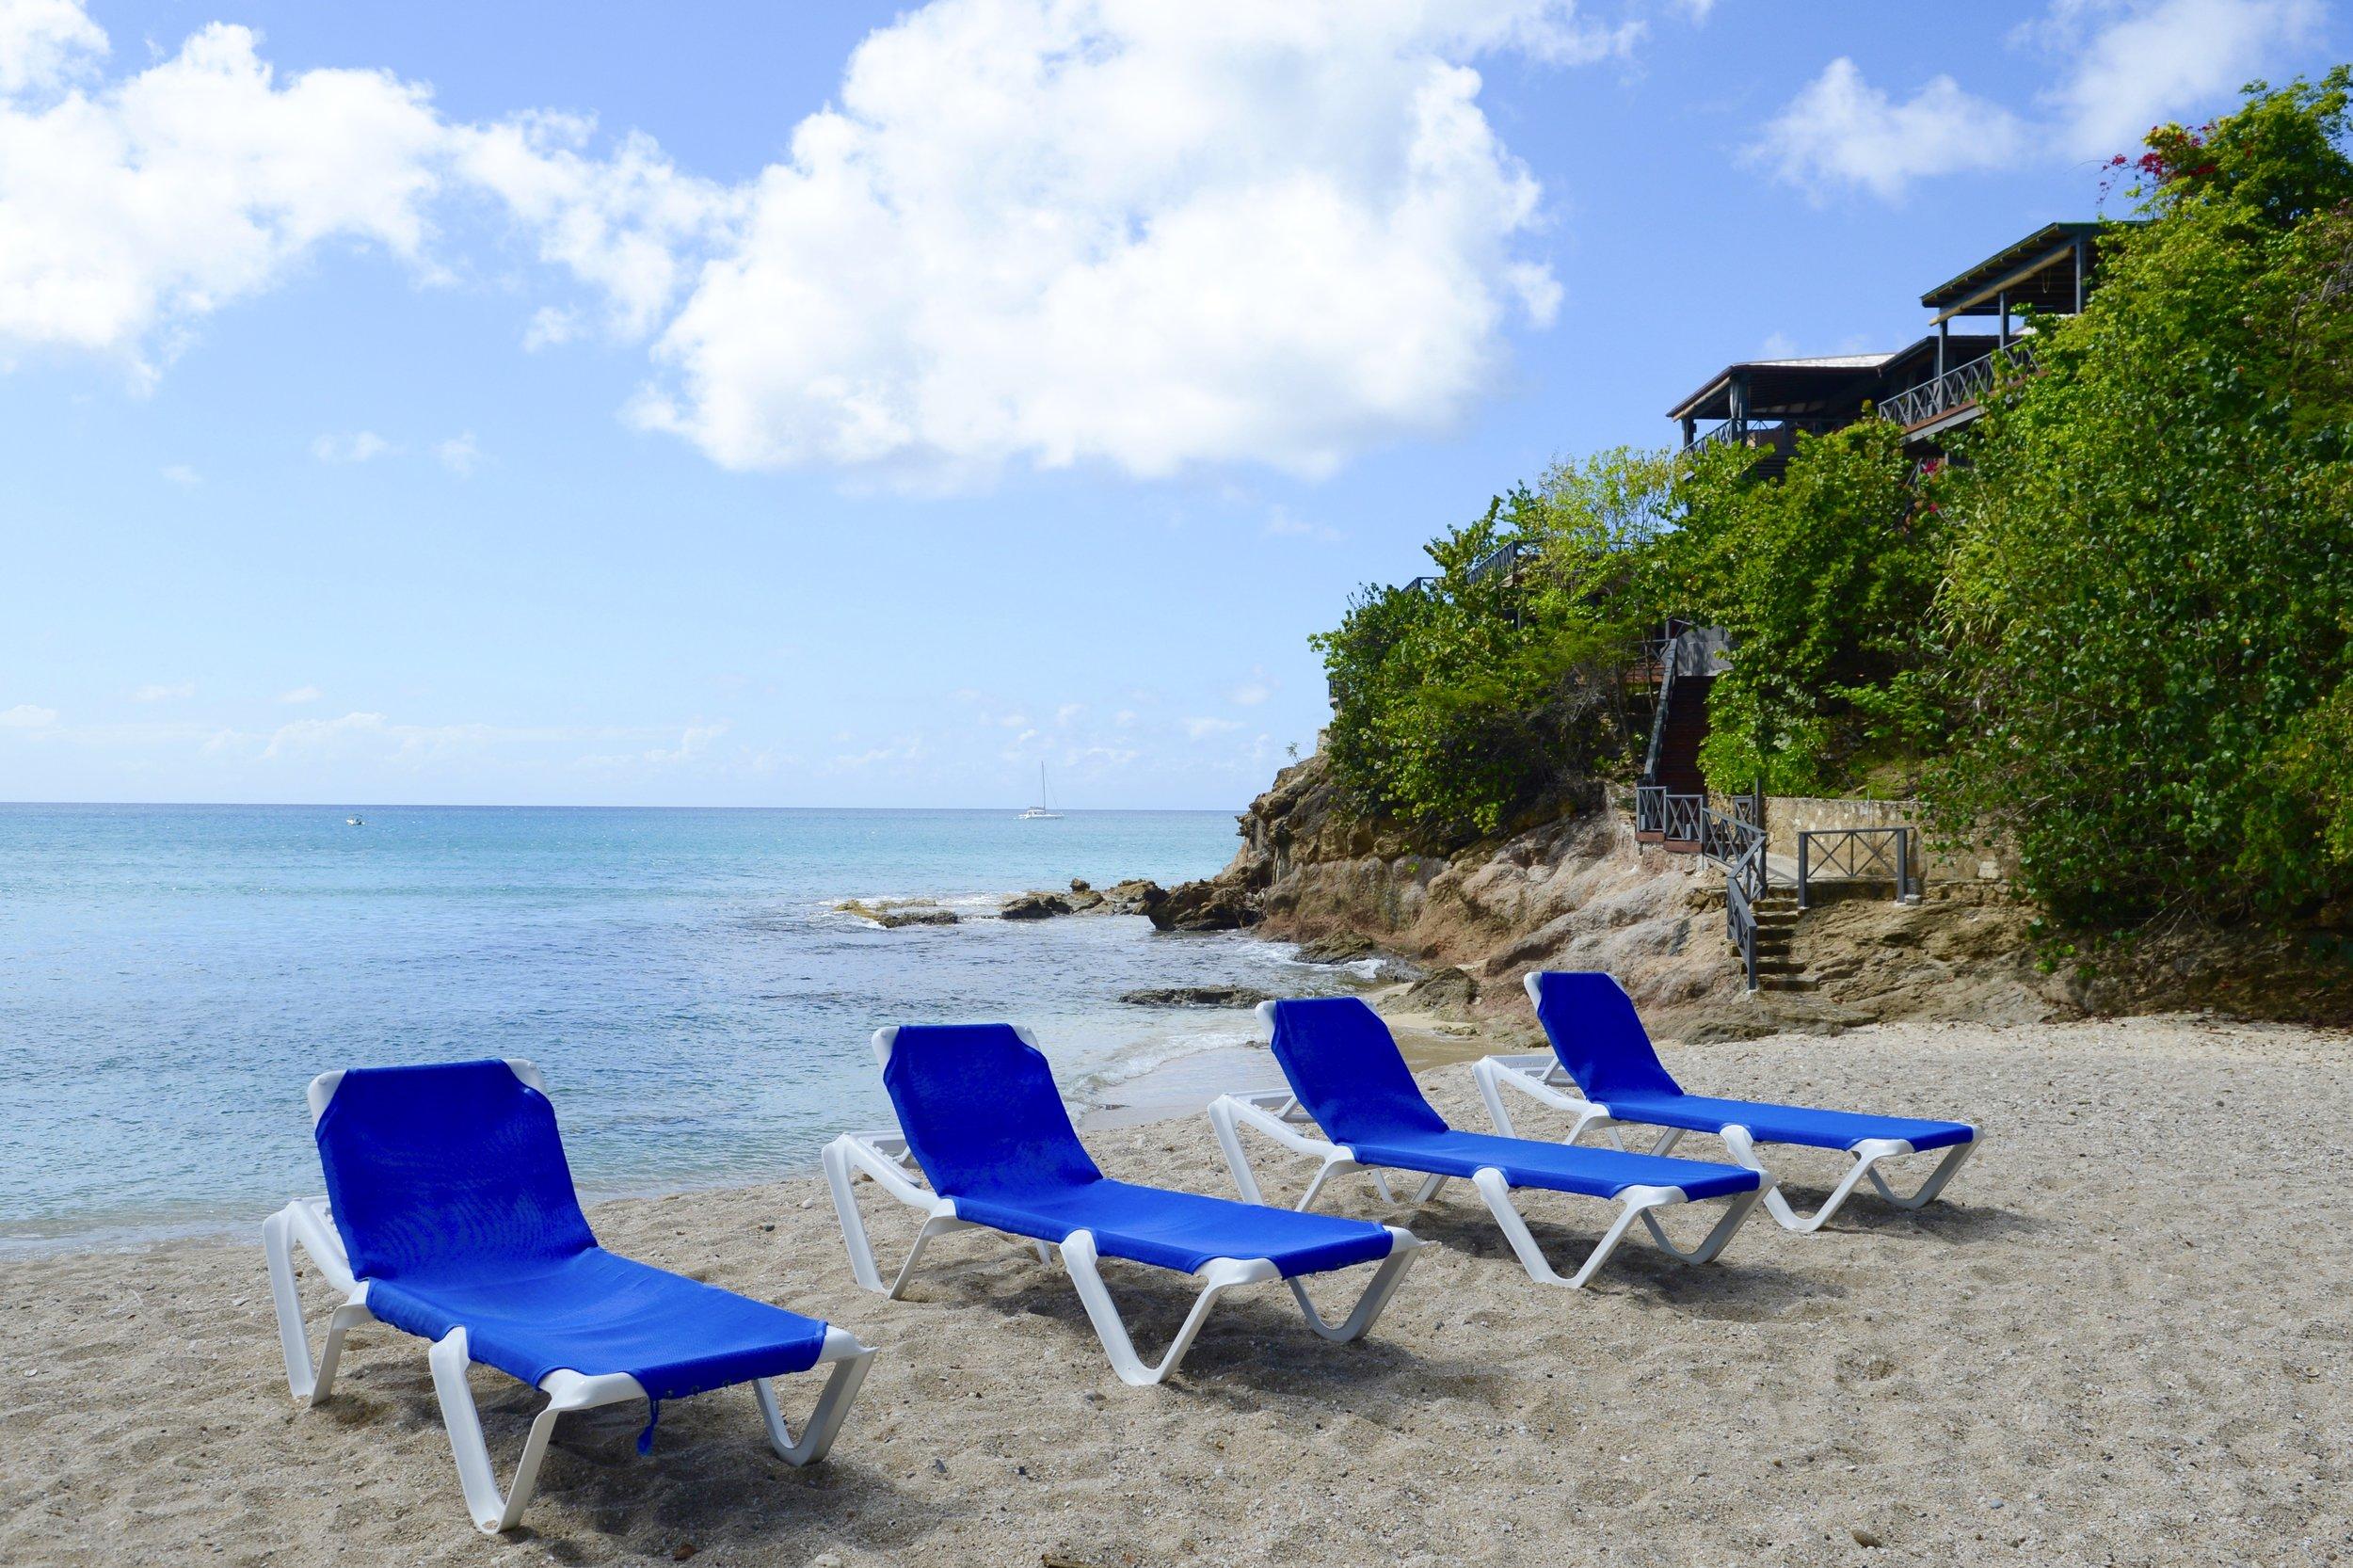 101-040517_Beach.jpg